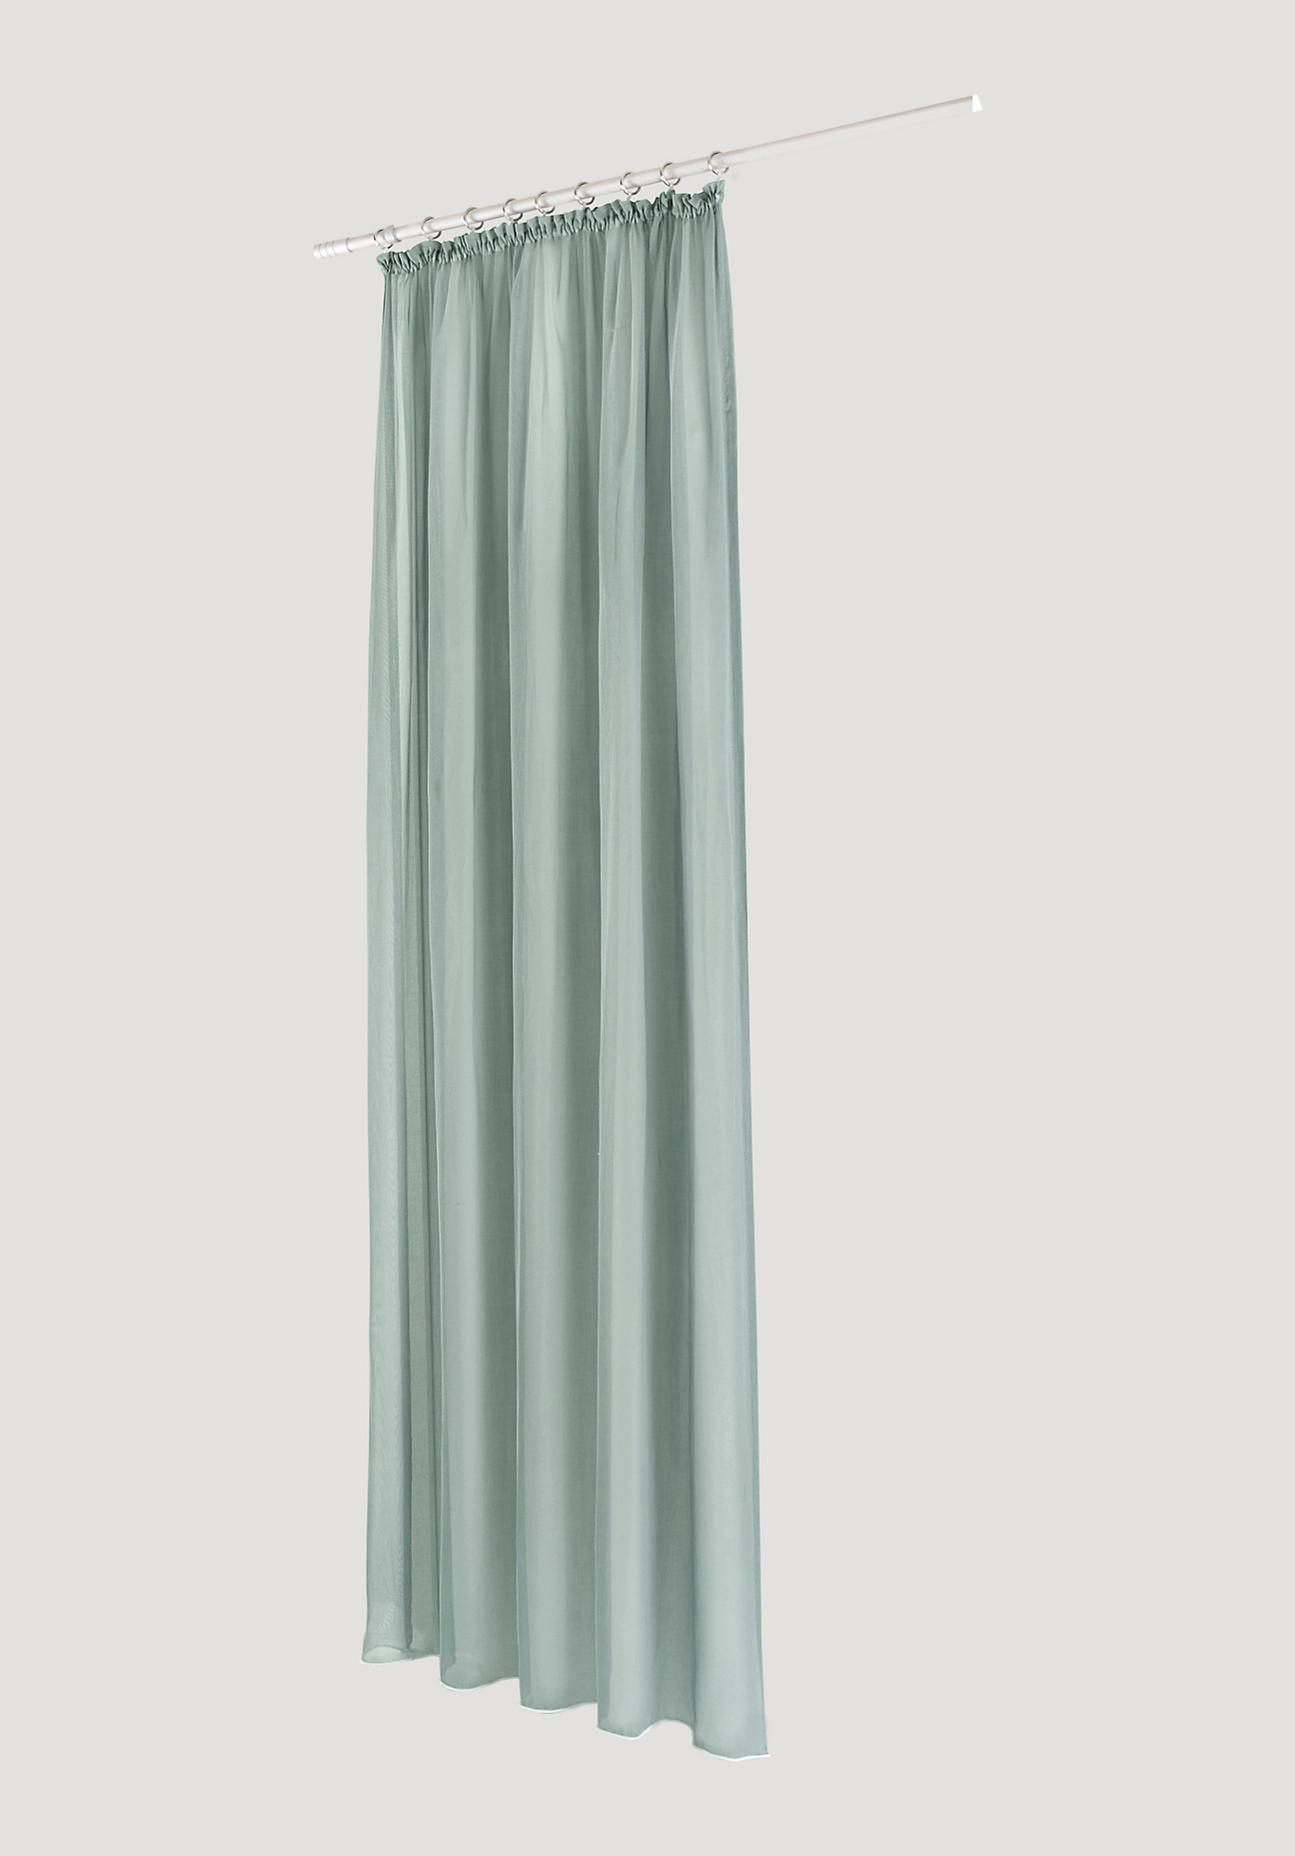 hessnatur Vorhang mit Gardinenband aus Bio-Baumwolle – grün – Größe 245x135cm